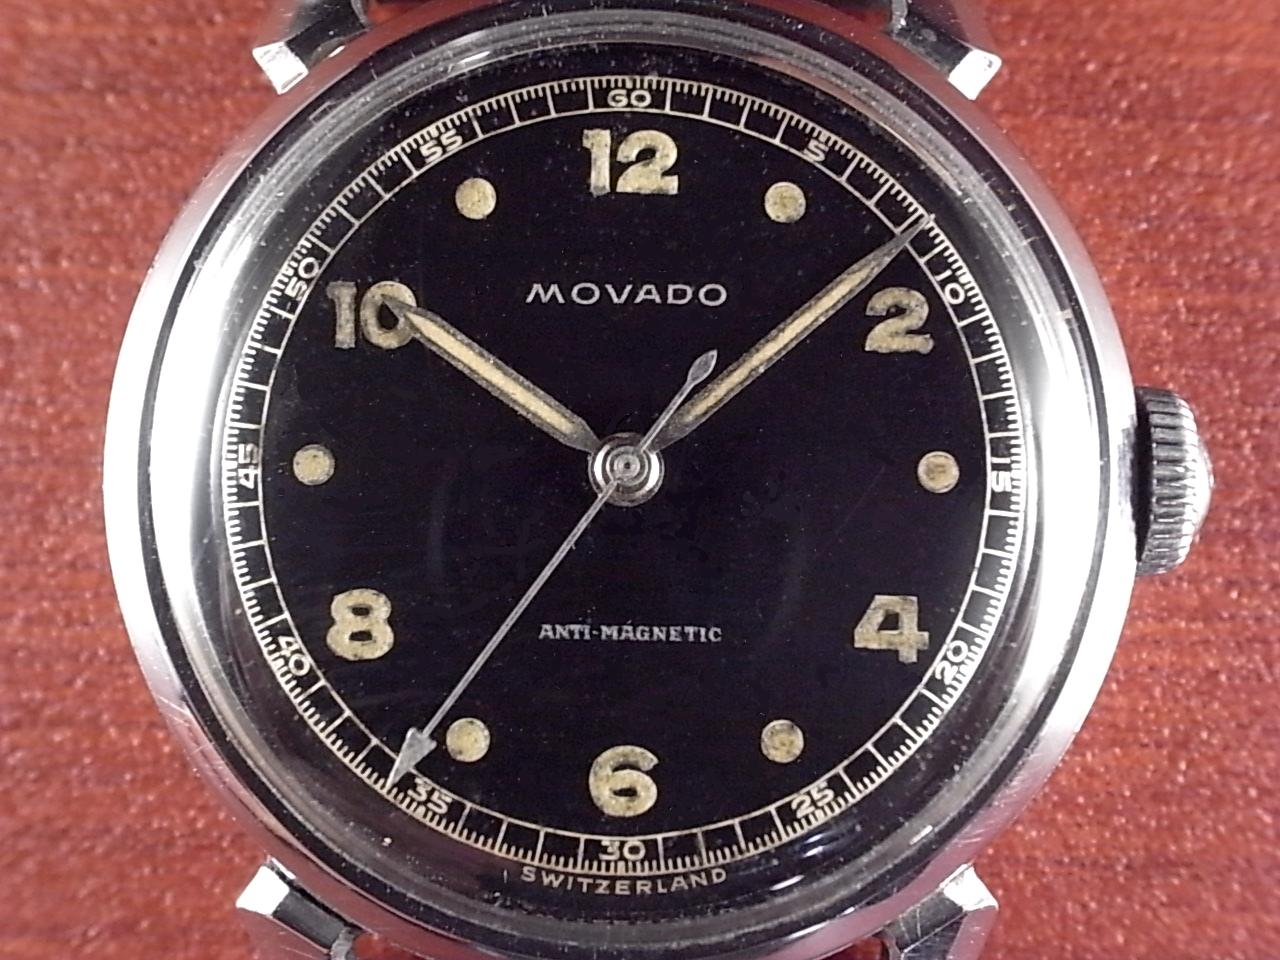 モバード ブラックミラーダイアル FBケース 1940年代の写真2枚目